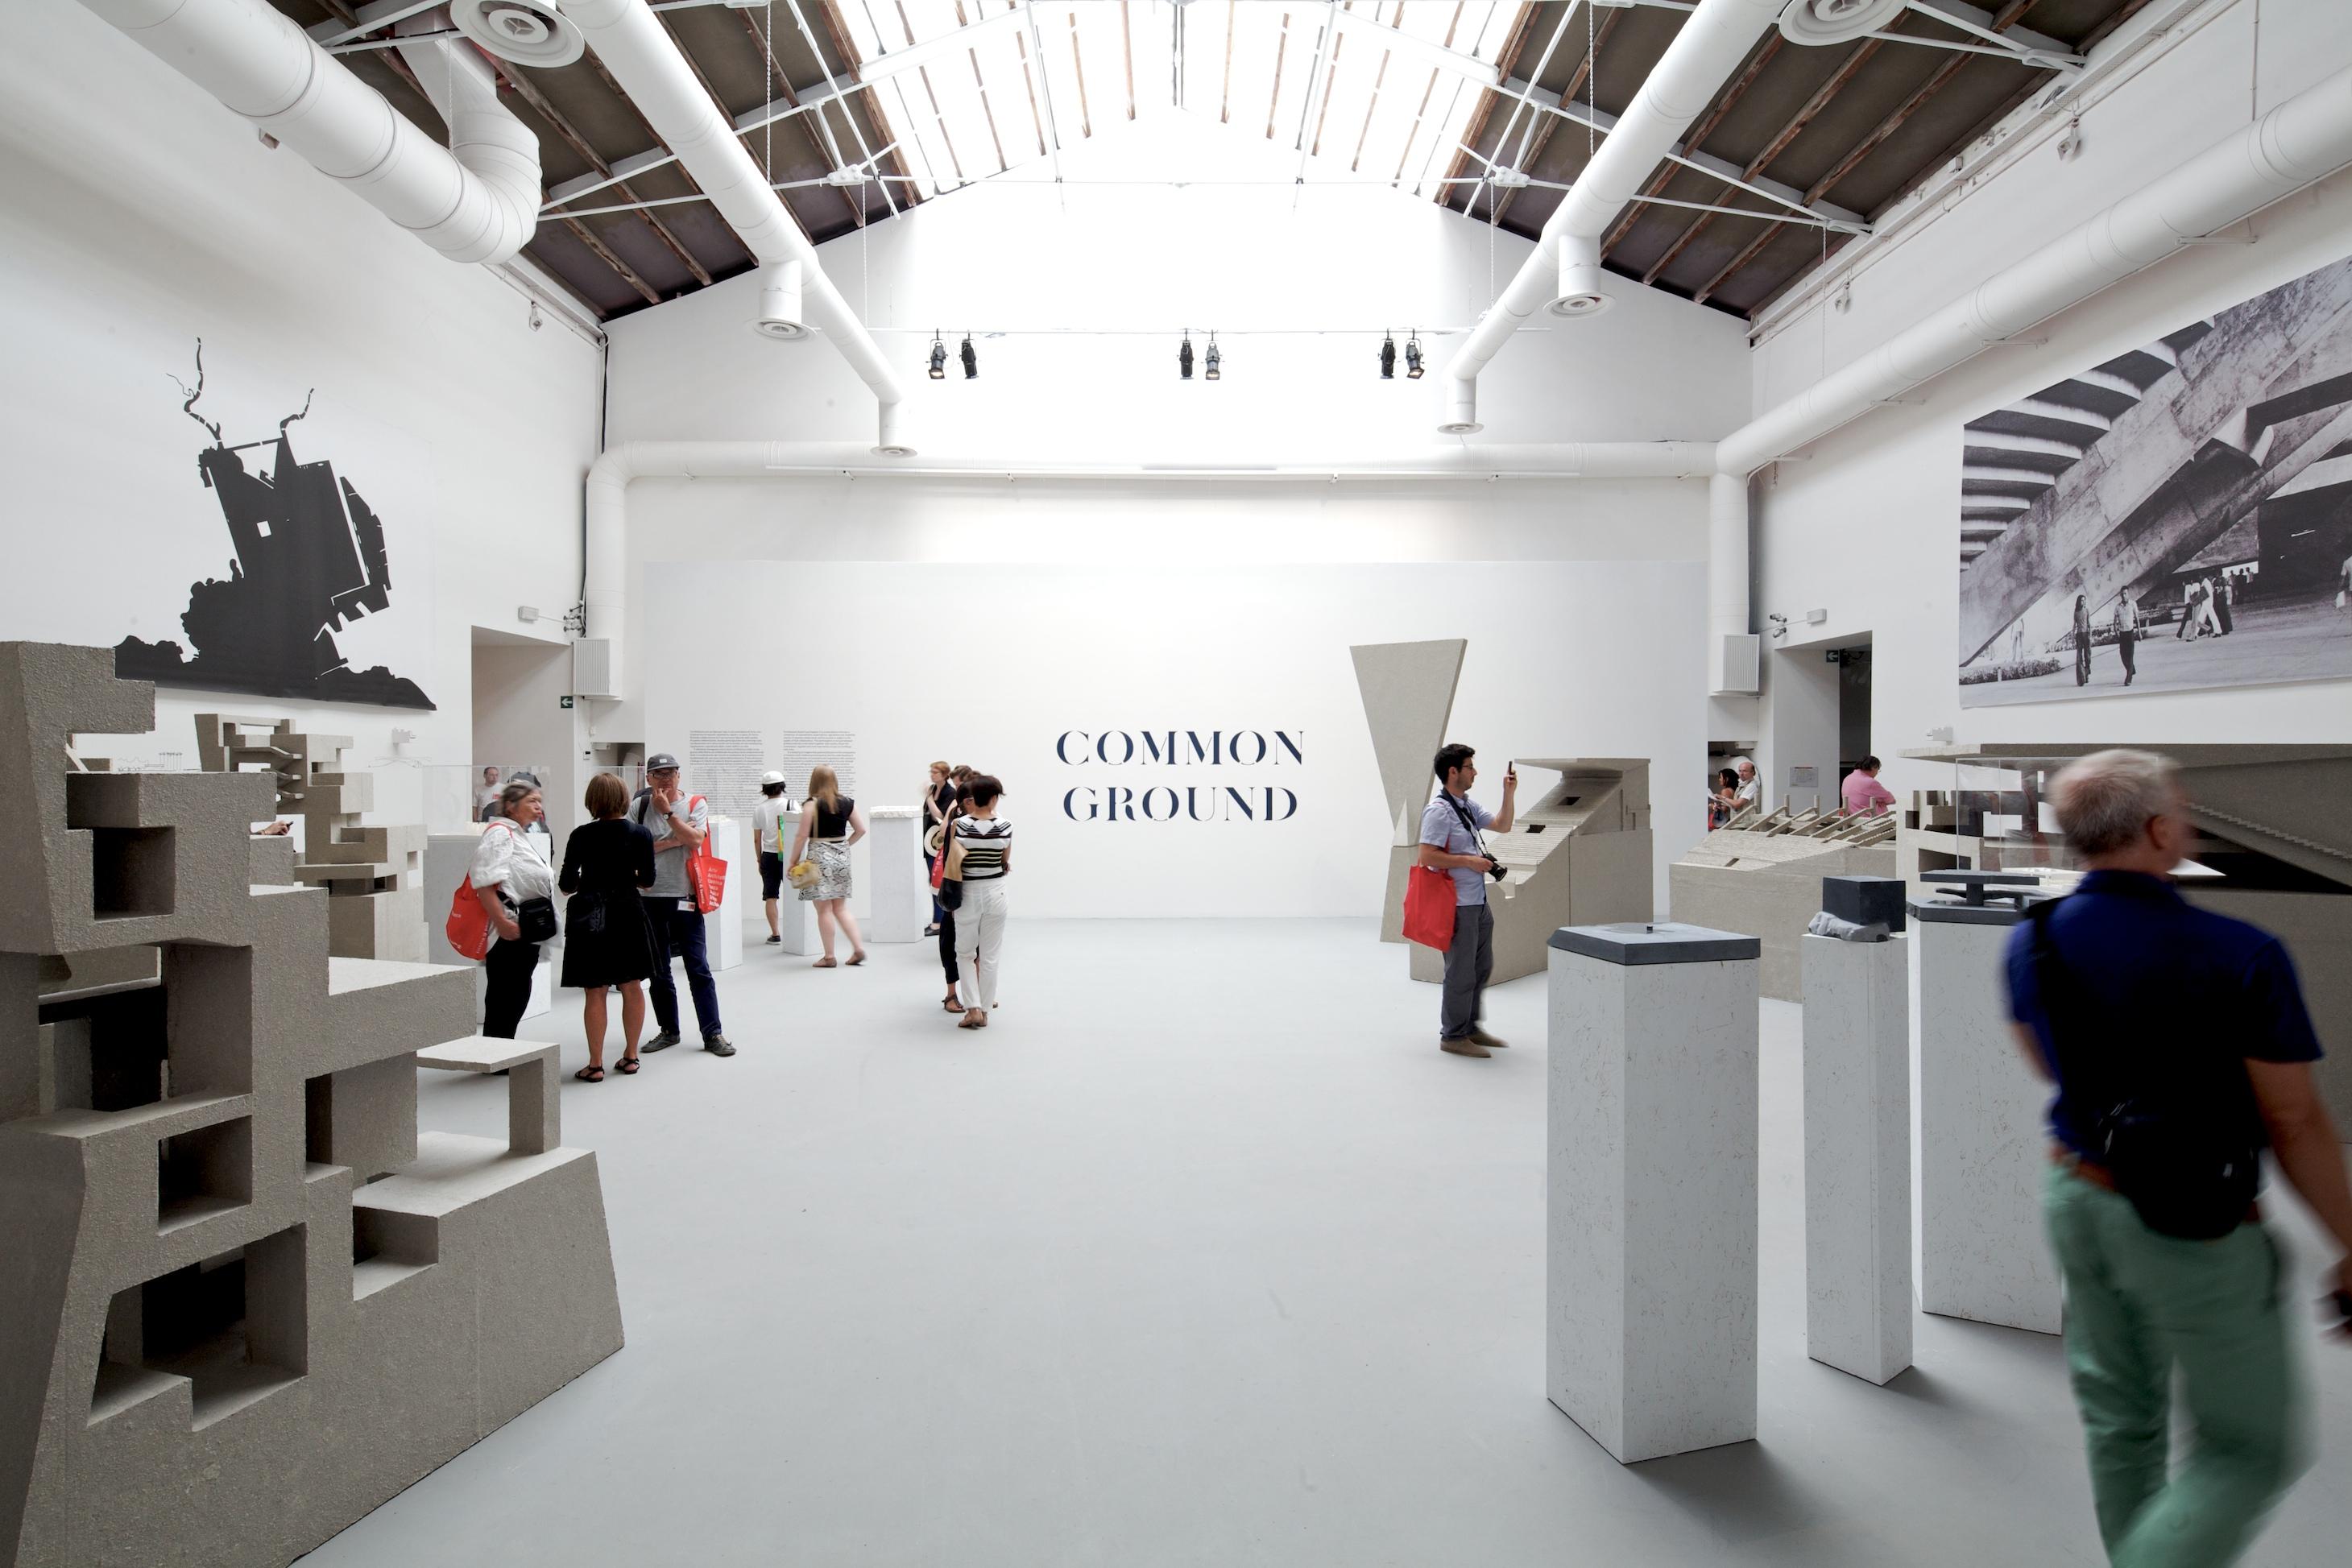 Bienal de Venecia 2012 - Prêmio Leão de Prata: Arquitetura como Nova Geografia / Grafton Architects , © Nico Saieh